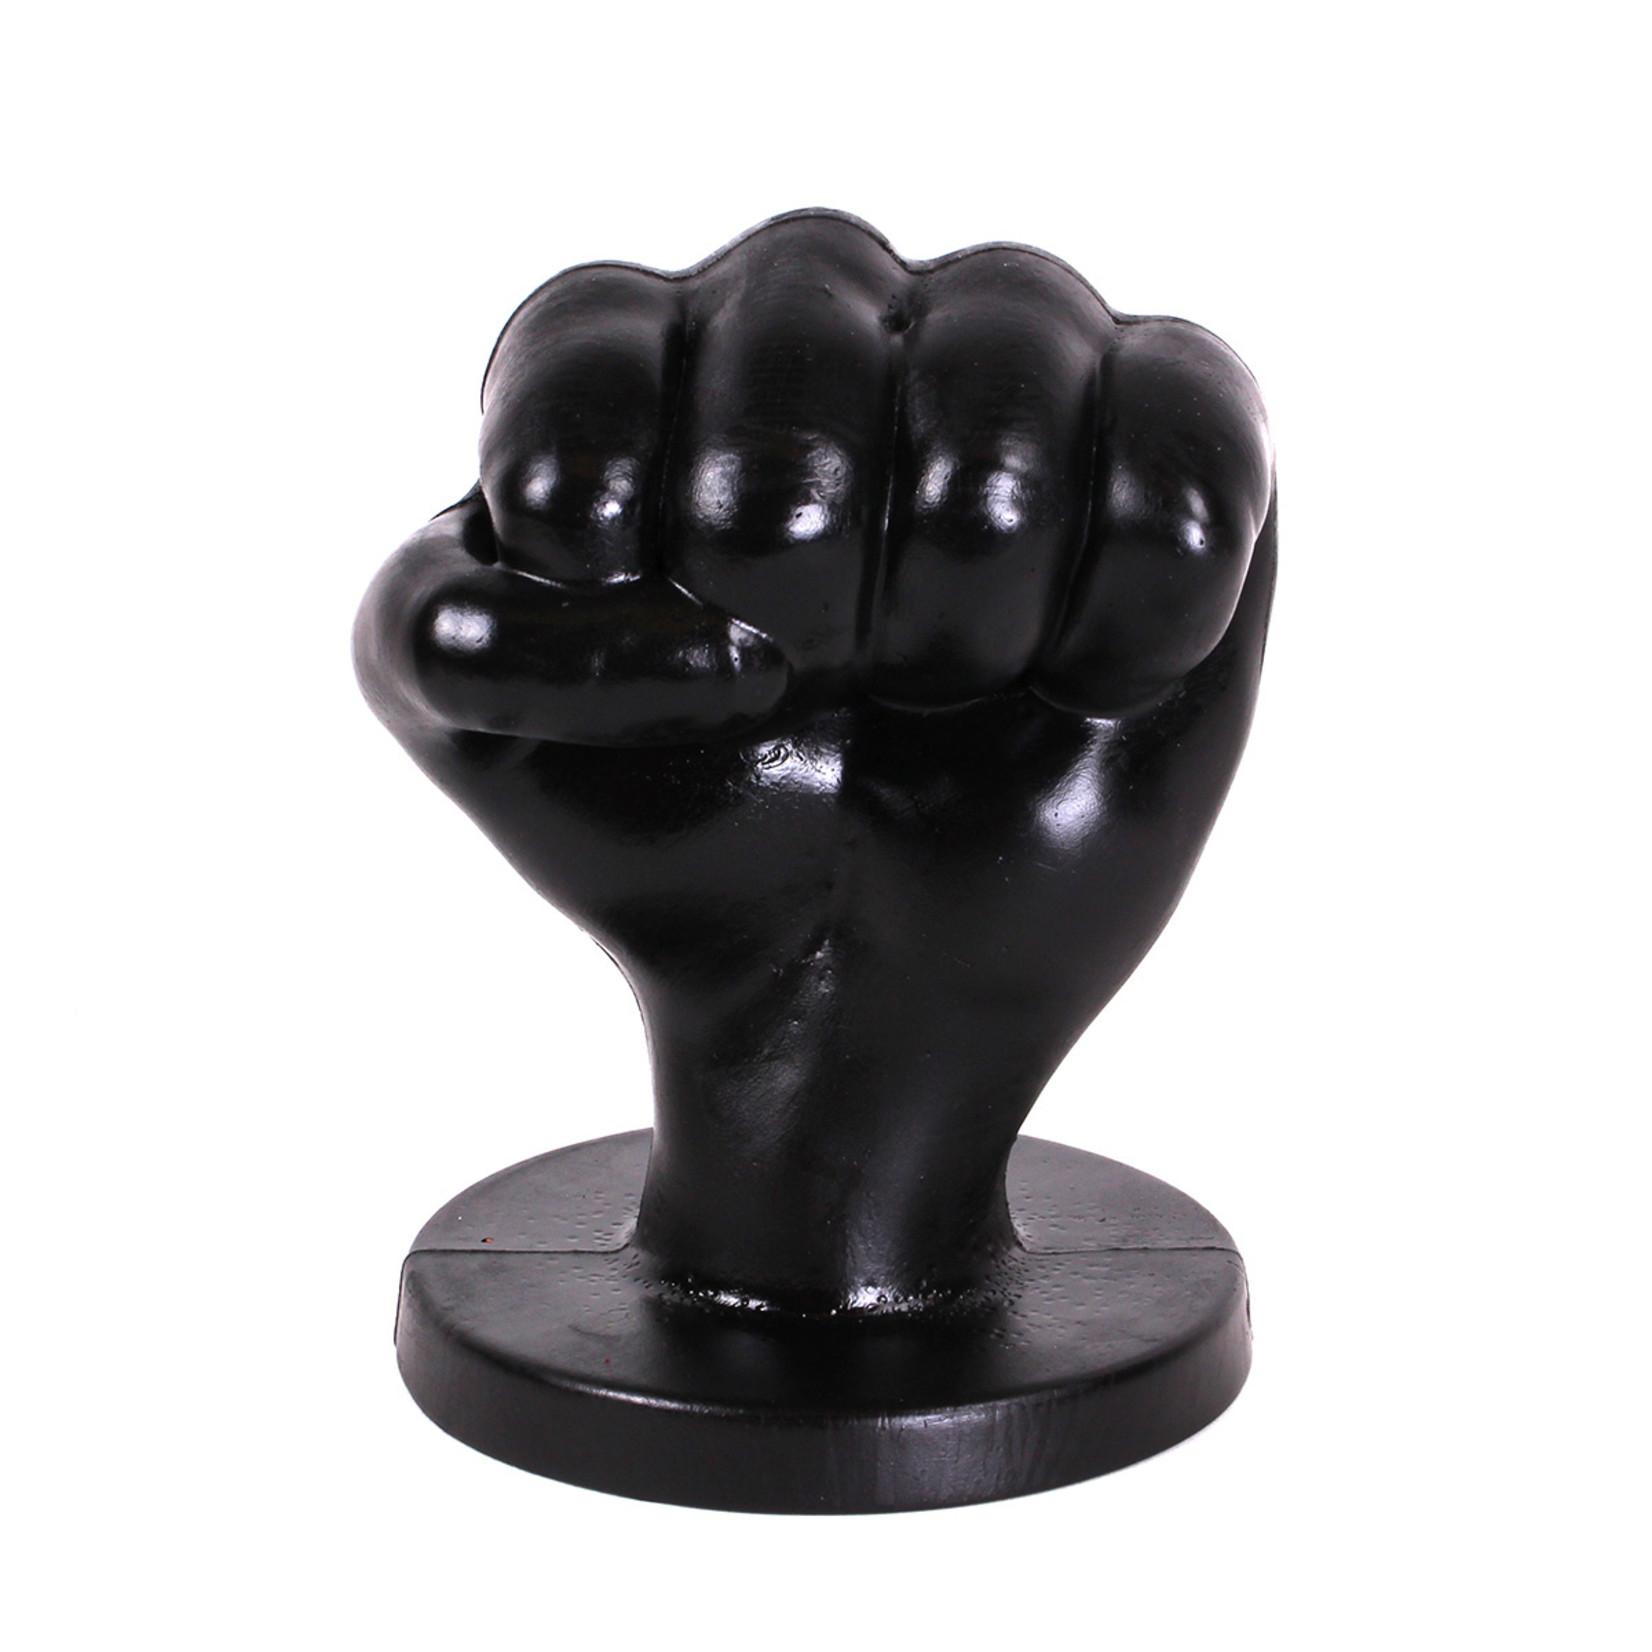 All Black All Black Fist Large - AB94